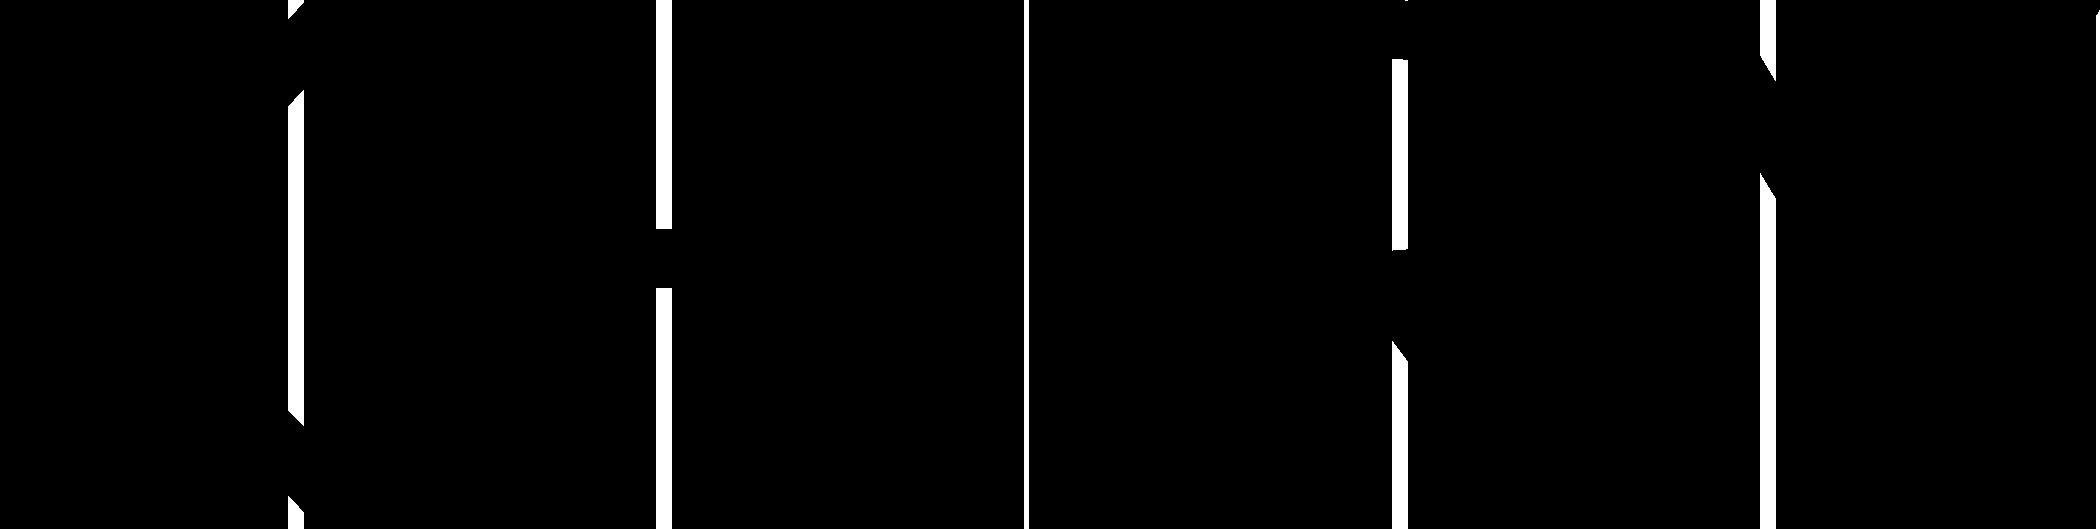 KHIRY Text Logo